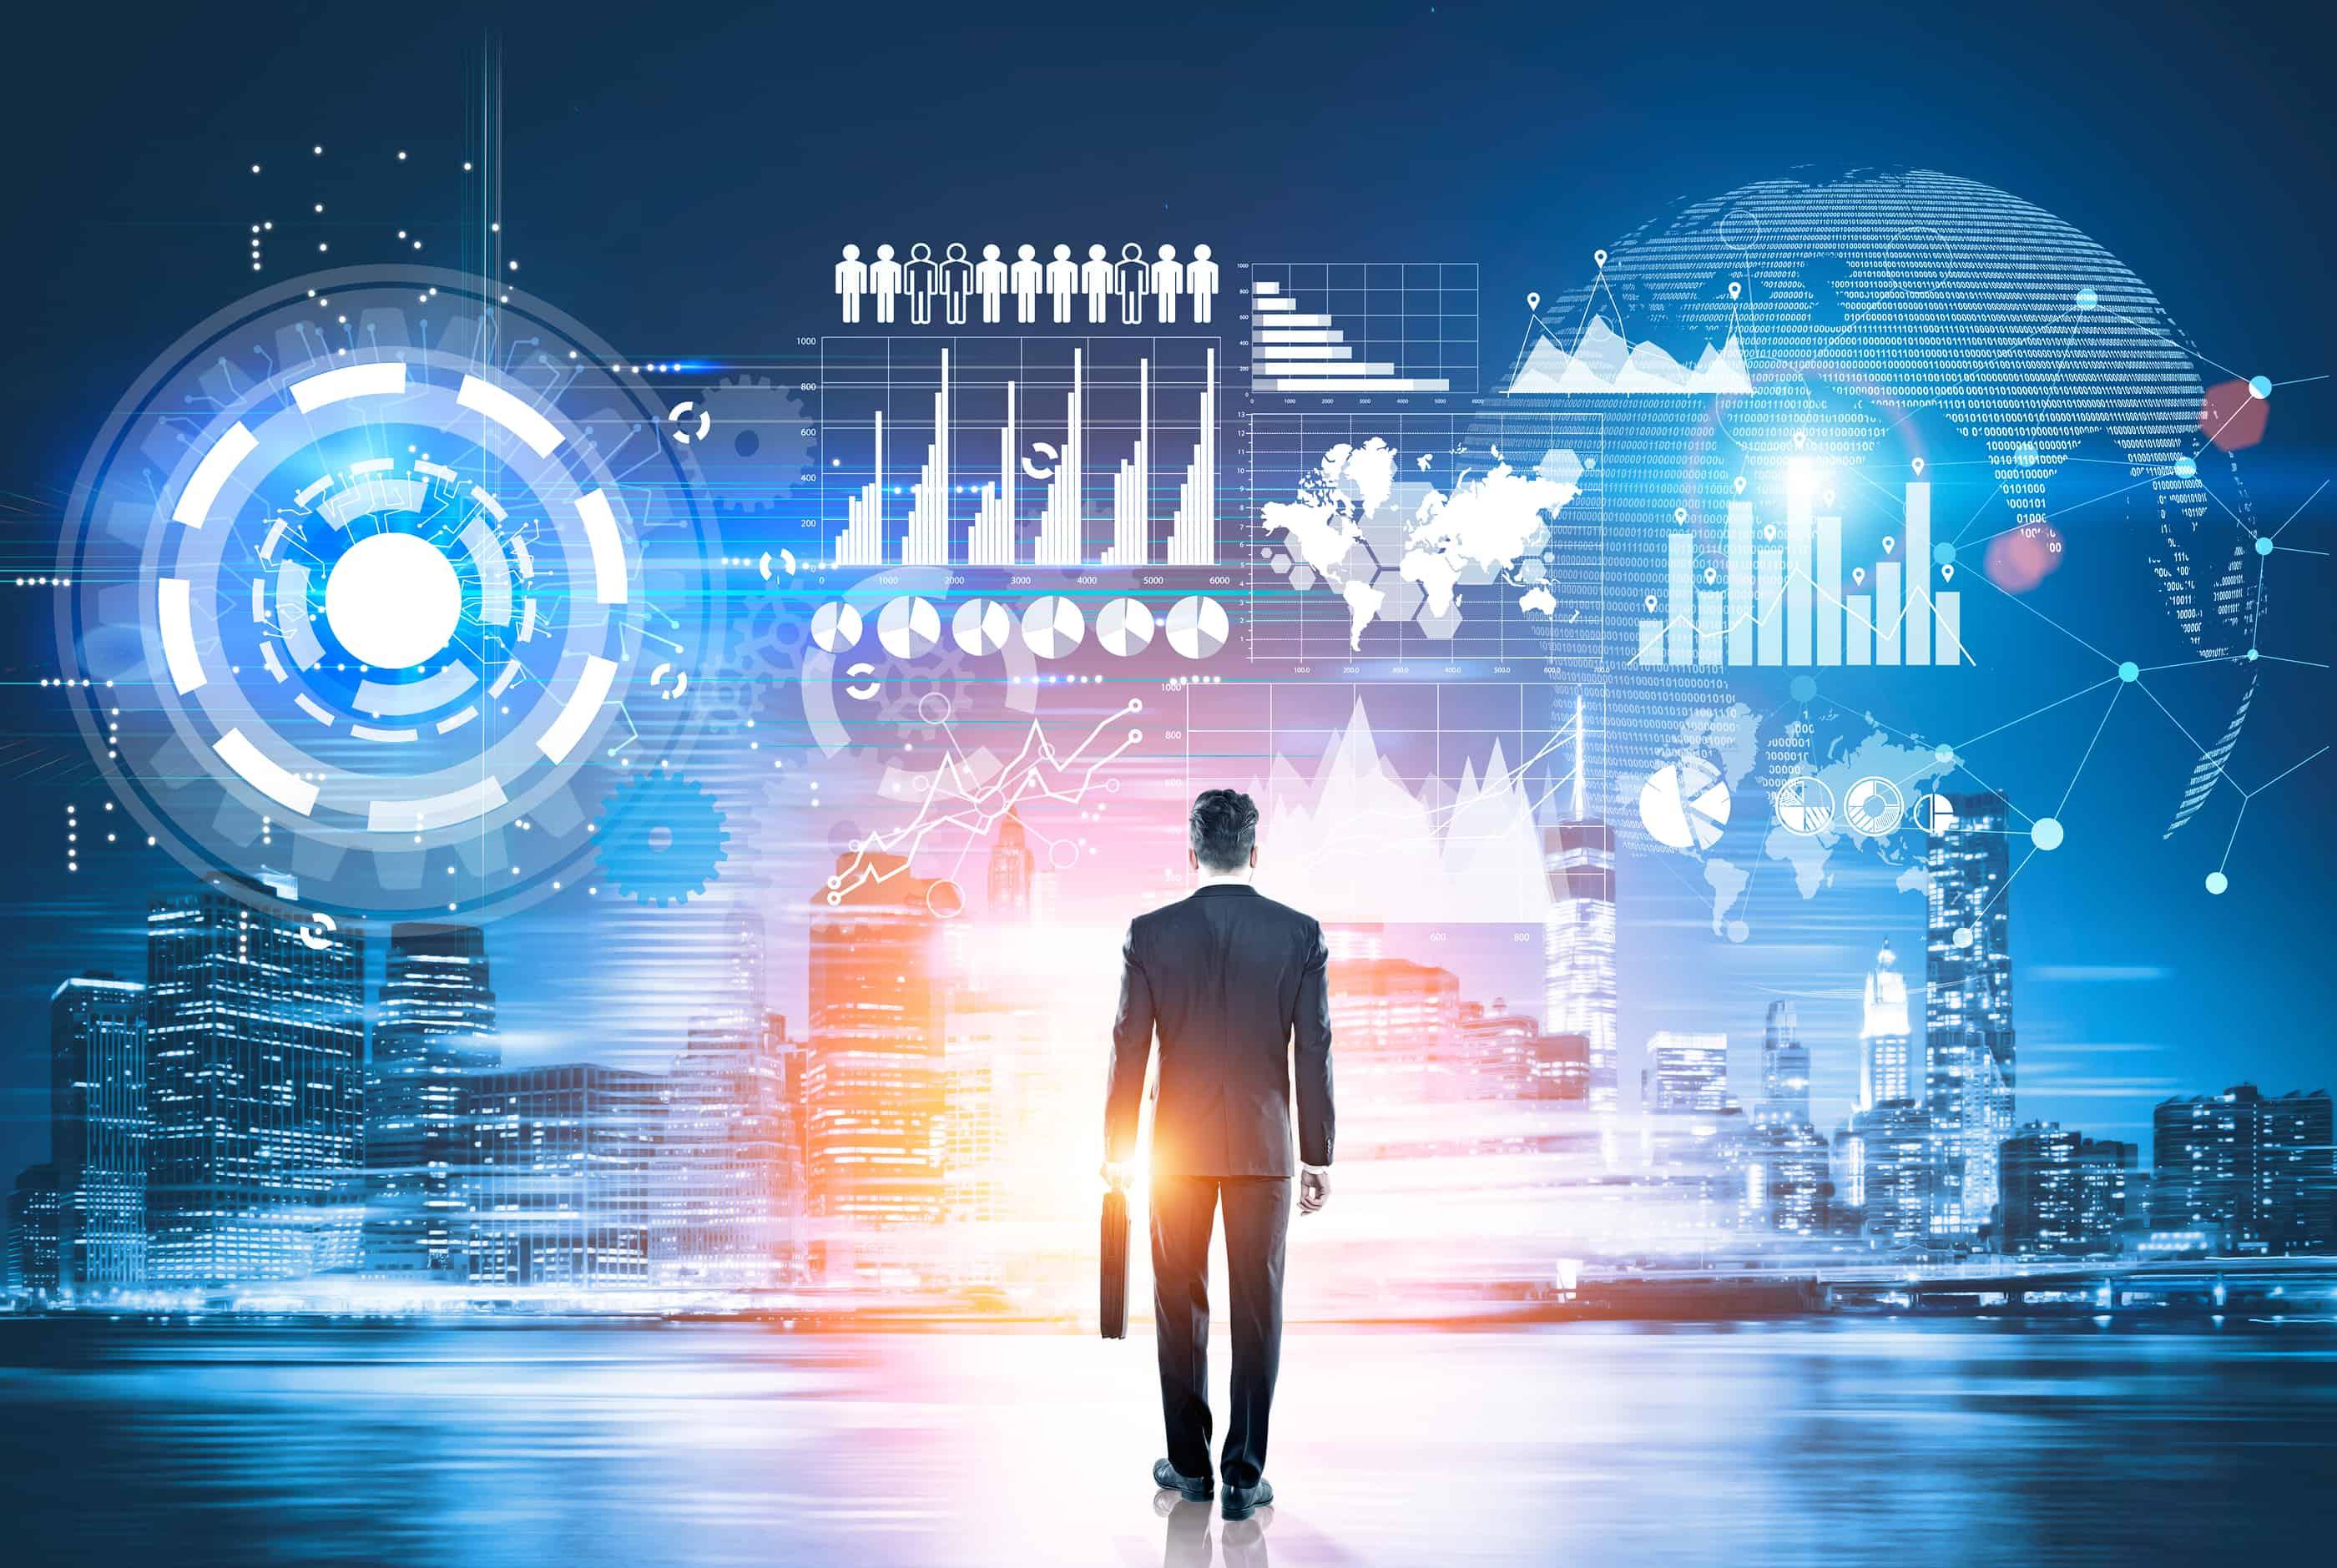 Правительство расширит эксперимент по переводу государственных IT-систем на единую облачную платформу